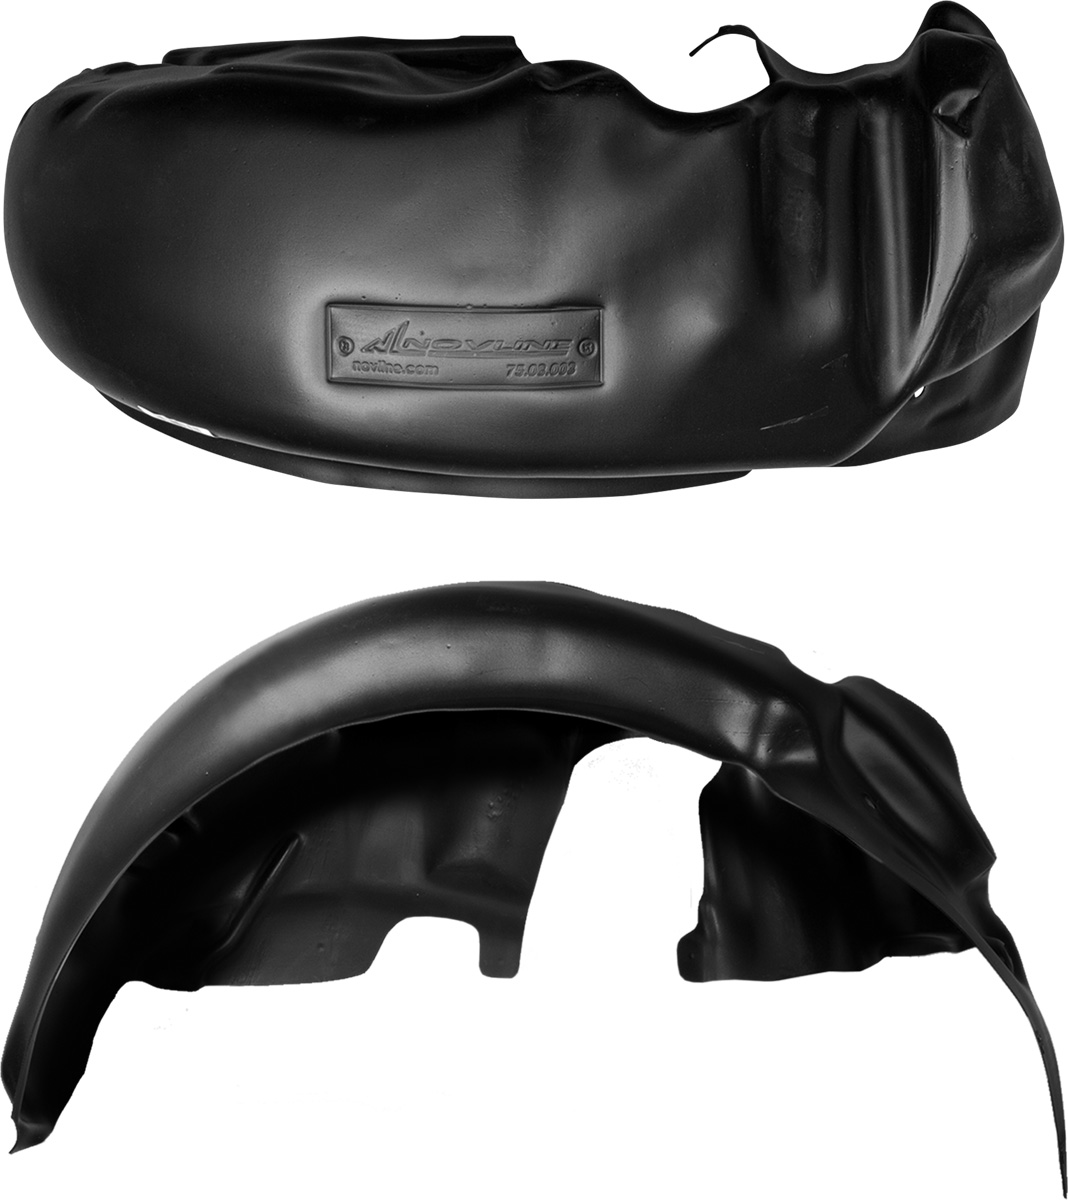 Подкрылок Novline-Autofamily, для RENAULT Duster 4x2, 2011-2015, задний левыйNLL.41.30.003Колесные ниши - одни из самых уязвимых зон днища вашего автомобиля. Они постоянно подвергаются воздействию со стороны дороги. Лучшая, почти абсолютная защита для них - специально отформованные пластиковые кожухи, которые называются подкрылками. Производятся они как для отечественных моделей автомобилей, так и для иномарок. Подкрылки Novline-Autofamily выполнены из высококачественного, экологически чистого пластика. Обеспечивают надежную защиту кузова автомобиля от пескоструйного эффекта и негативного влияния, агрессивных антигололедных реагентов. Пластик обладает более низкой теплопроводностью, чем металл, поэтому в зимний период эксплуатации использование пластиковых подкрылков позволяет лучше защитить колесные ниши от налипания снега и образования наледи. Оригинальность конструкции подчеркивает элегантность автомобиля, бережно защищает нанесенное на днище кузова антикоррозийное покрытие и позволяет осуществить крепление подкрылков внутри колесной арки практически без дополнительного крепежа и сверления, не нарушая при этом лакокрасочного покрытия, что предотвращает возникновение новых очагов коррозии. Подкрылки долговечны, обладают высокой прочностью и сохраняют заданную форму, а также все свои физико-механические характеристики в самых тяжелых климатических условиях (от -50°С до +50°С).Уважаемые клиенты!Обращаем ваше внимание, на тот факт, что подкрылок имеет форму, соответствующую модели данного автомобиля. Фото служит для визуального восприятия товара.